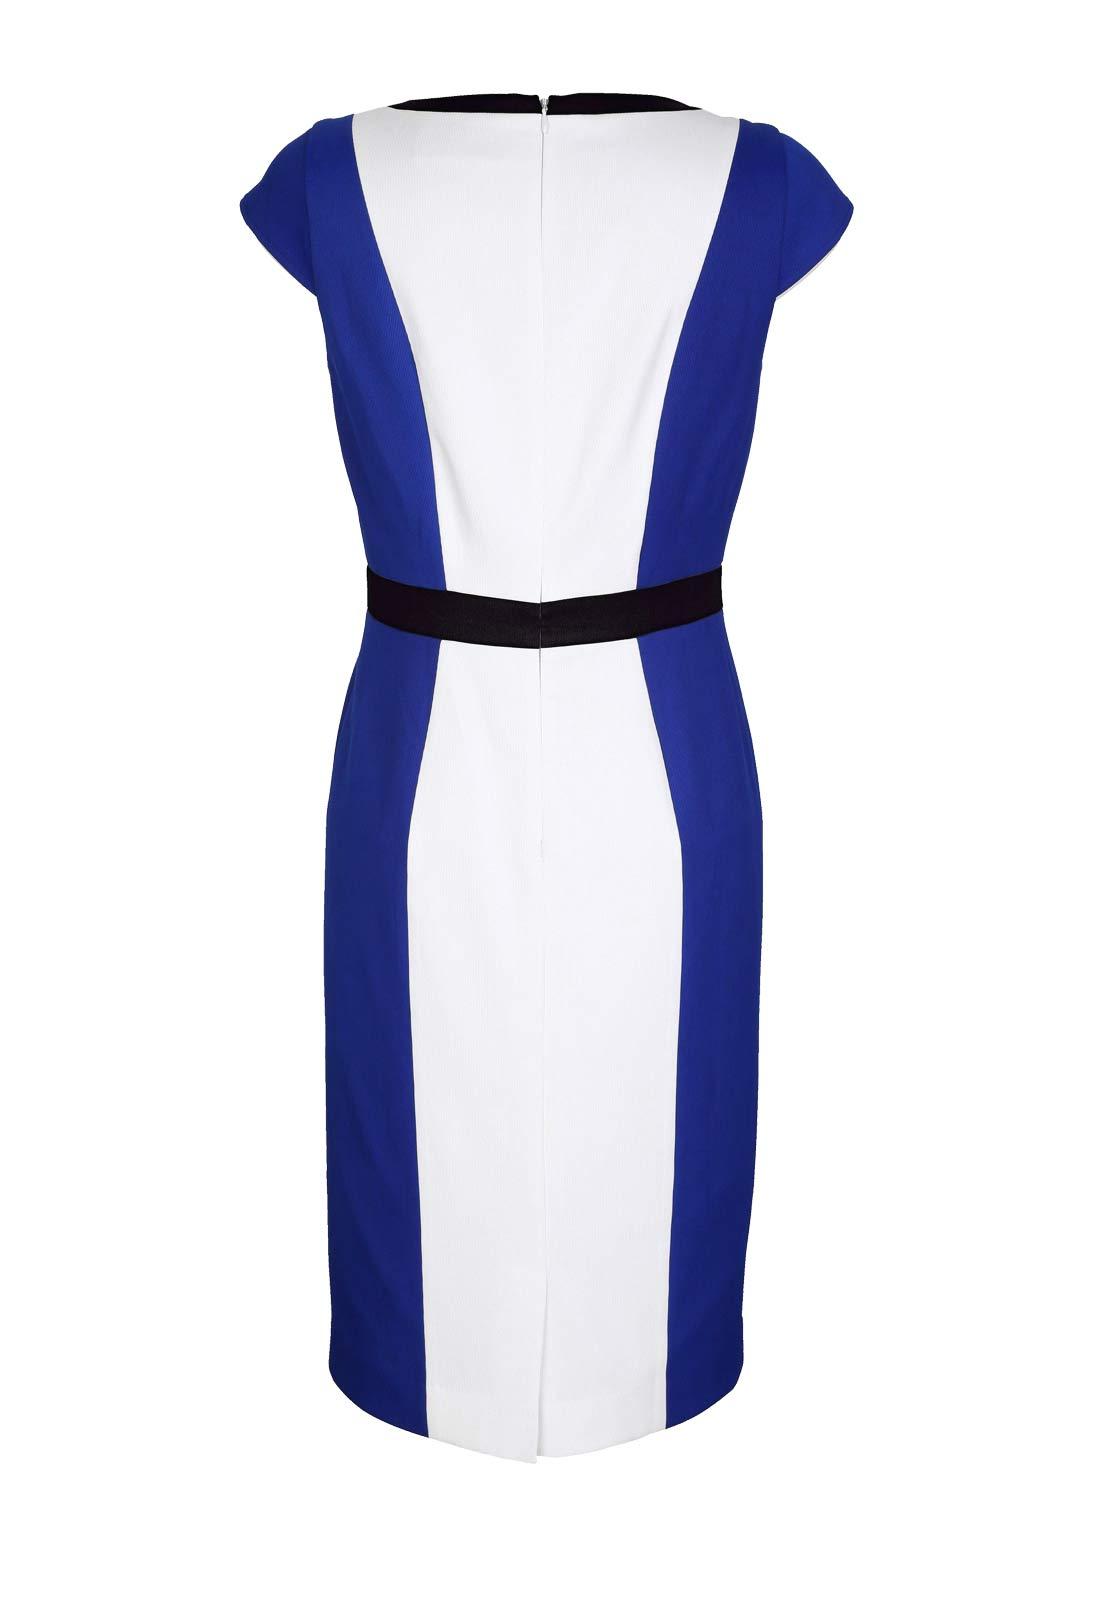 business kleider für damen AMY VERMONT Damen-Etuikleid Royalblau-Weiß 630.672 Missforty